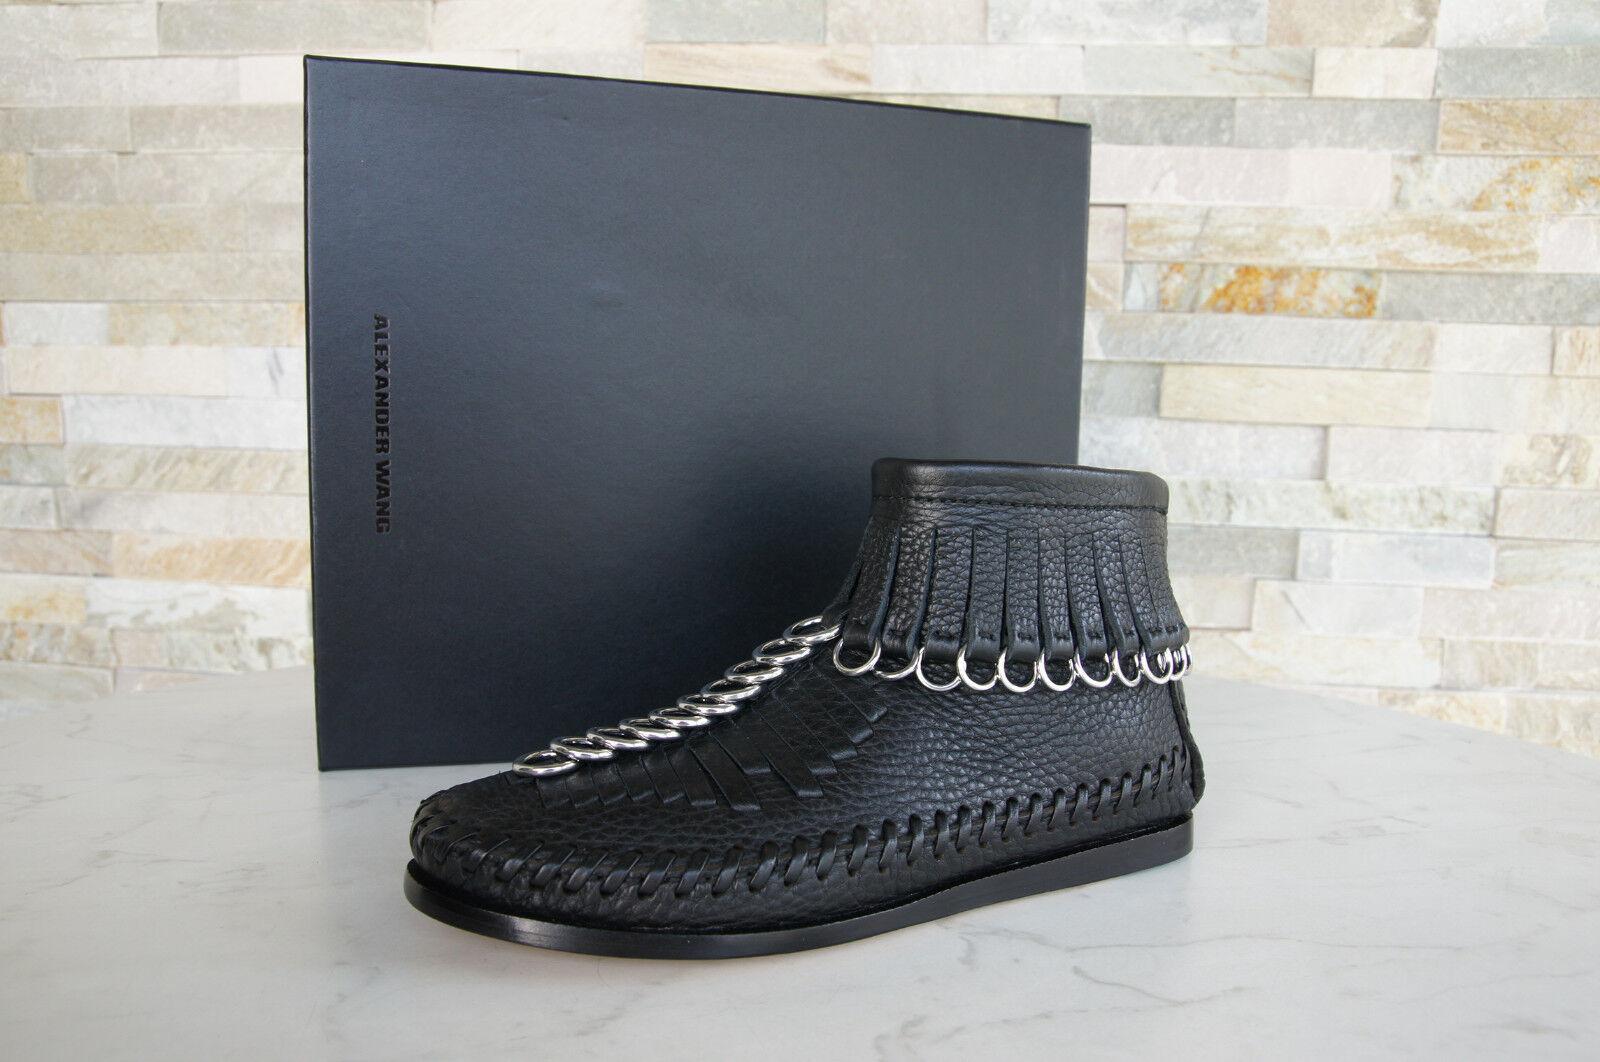 Alexander Wang 36 Bottines Bottes Chaussures en Cuir Noir Neuf Neuf Neuf Autrefois 596ffd